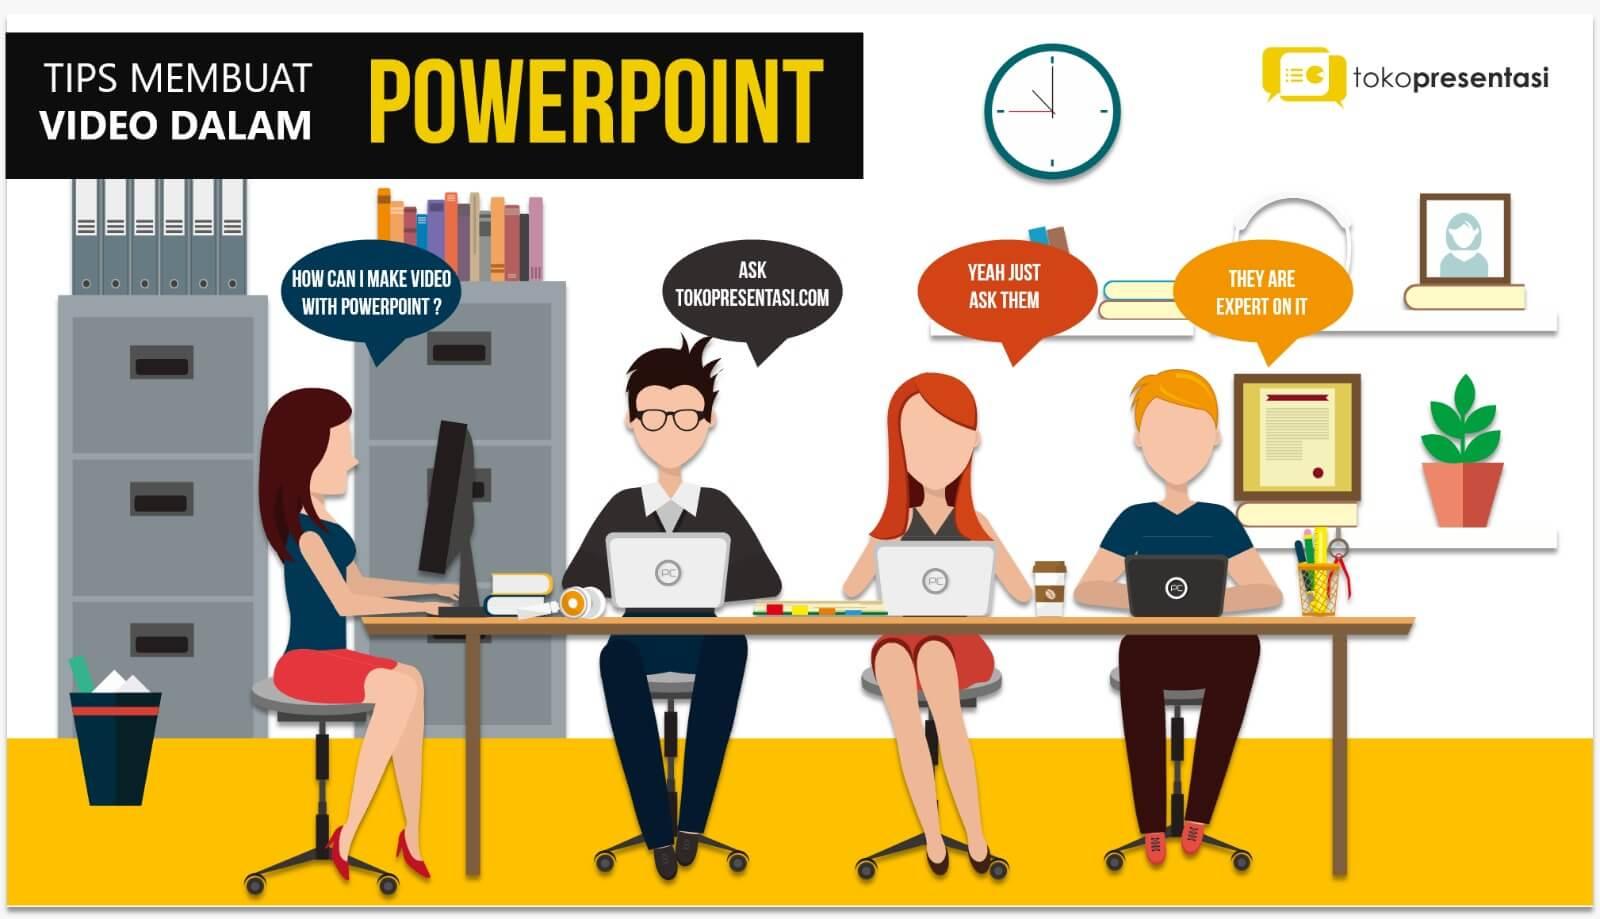 post tips mengubah powerpoint menjadi video jasa powerpoint desain powerpoint desain ppt desain presentasi